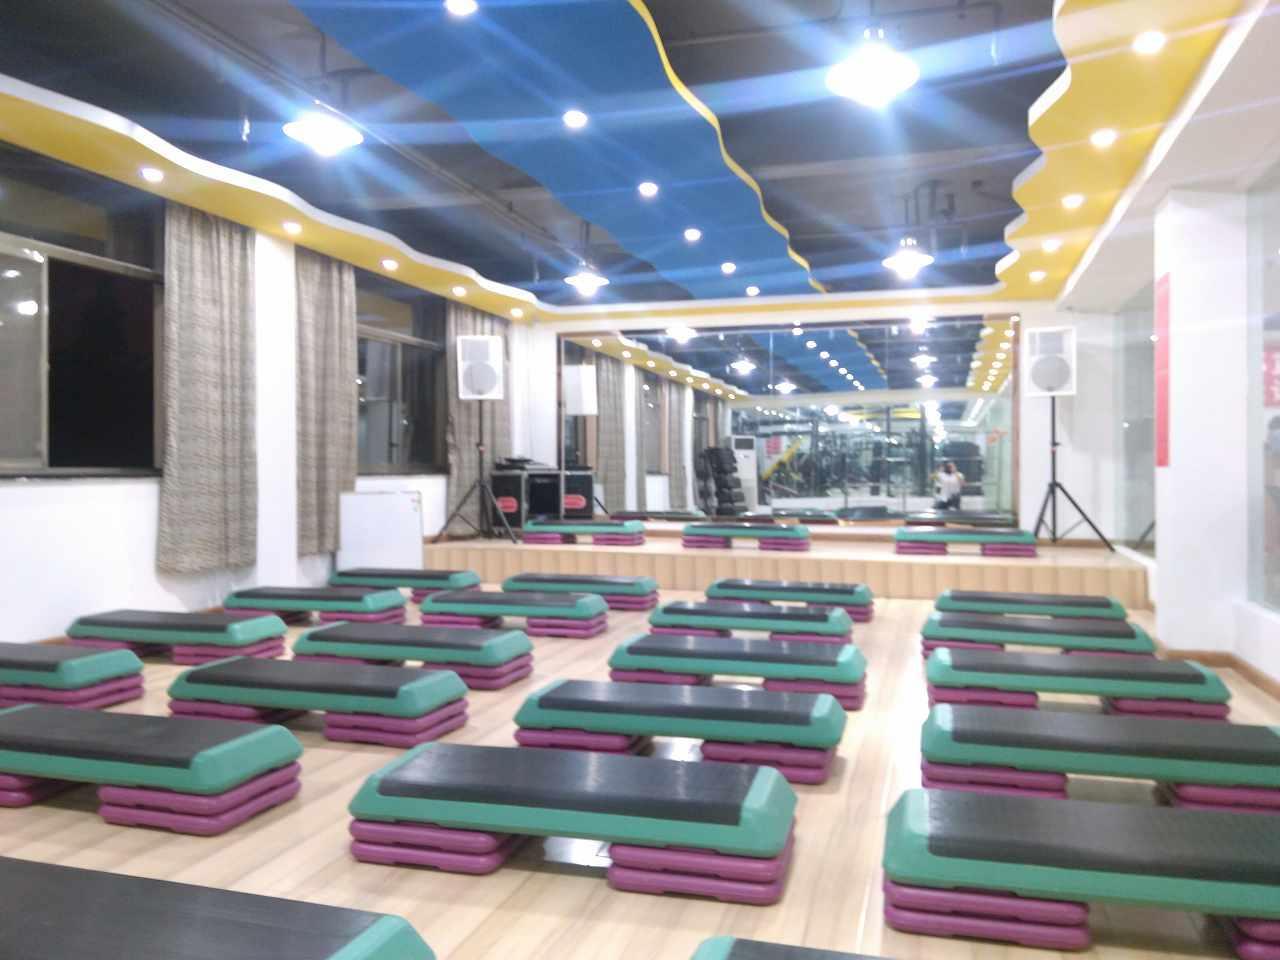 健身房全员教练化培训